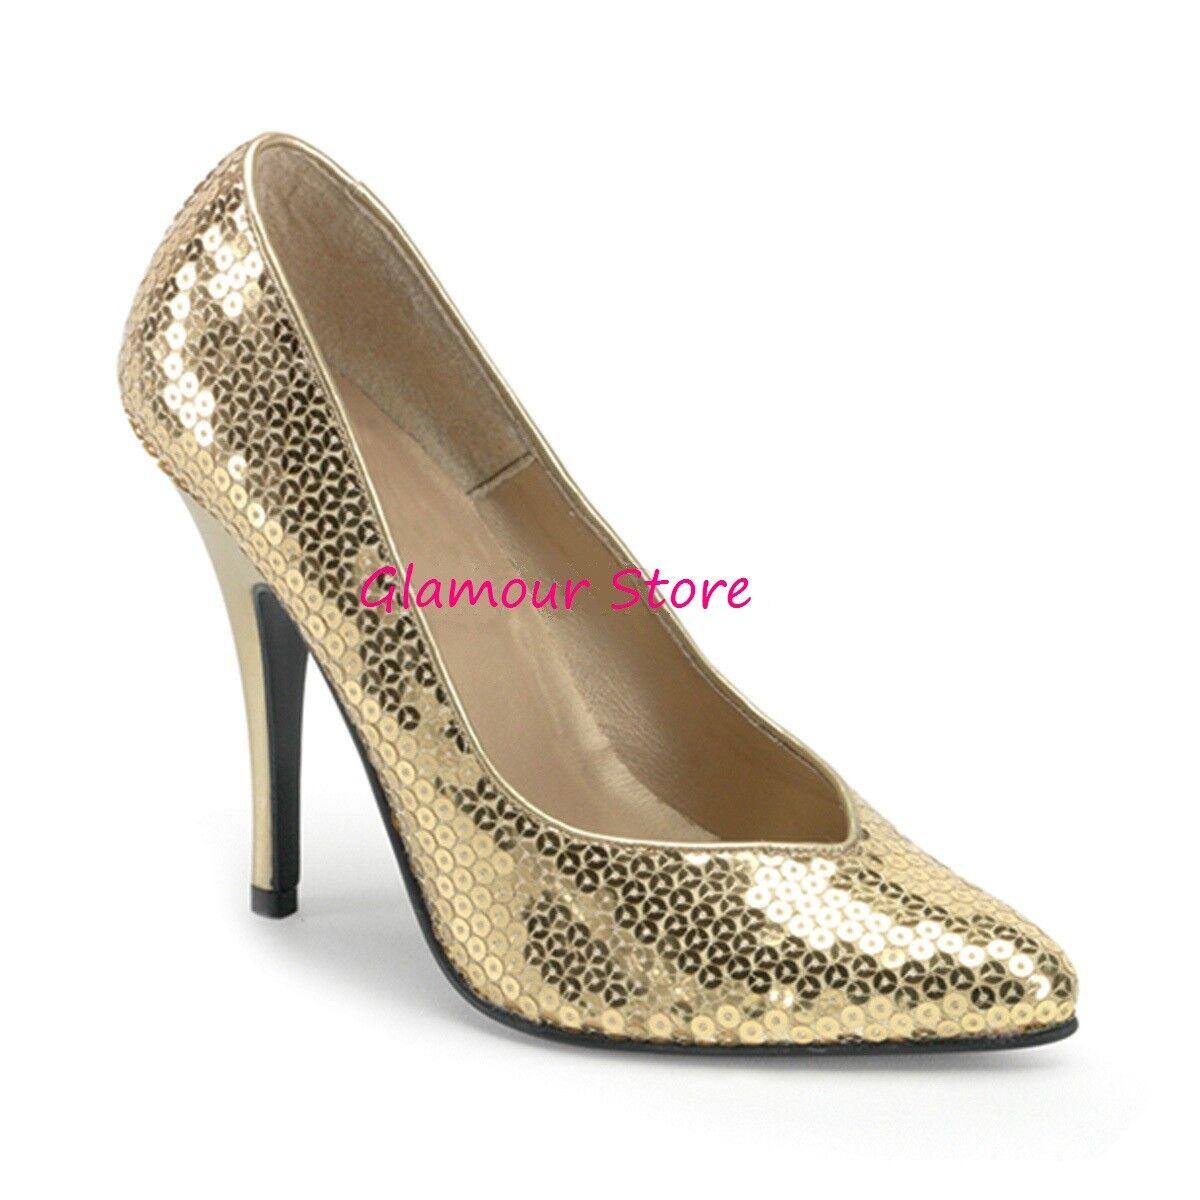 Sexy DECOLTE' dal PAILLETTES ORO tacco 13 dal DECOLTE' 36 al 39 scarpe fashion GLAMOUR 91cdcd